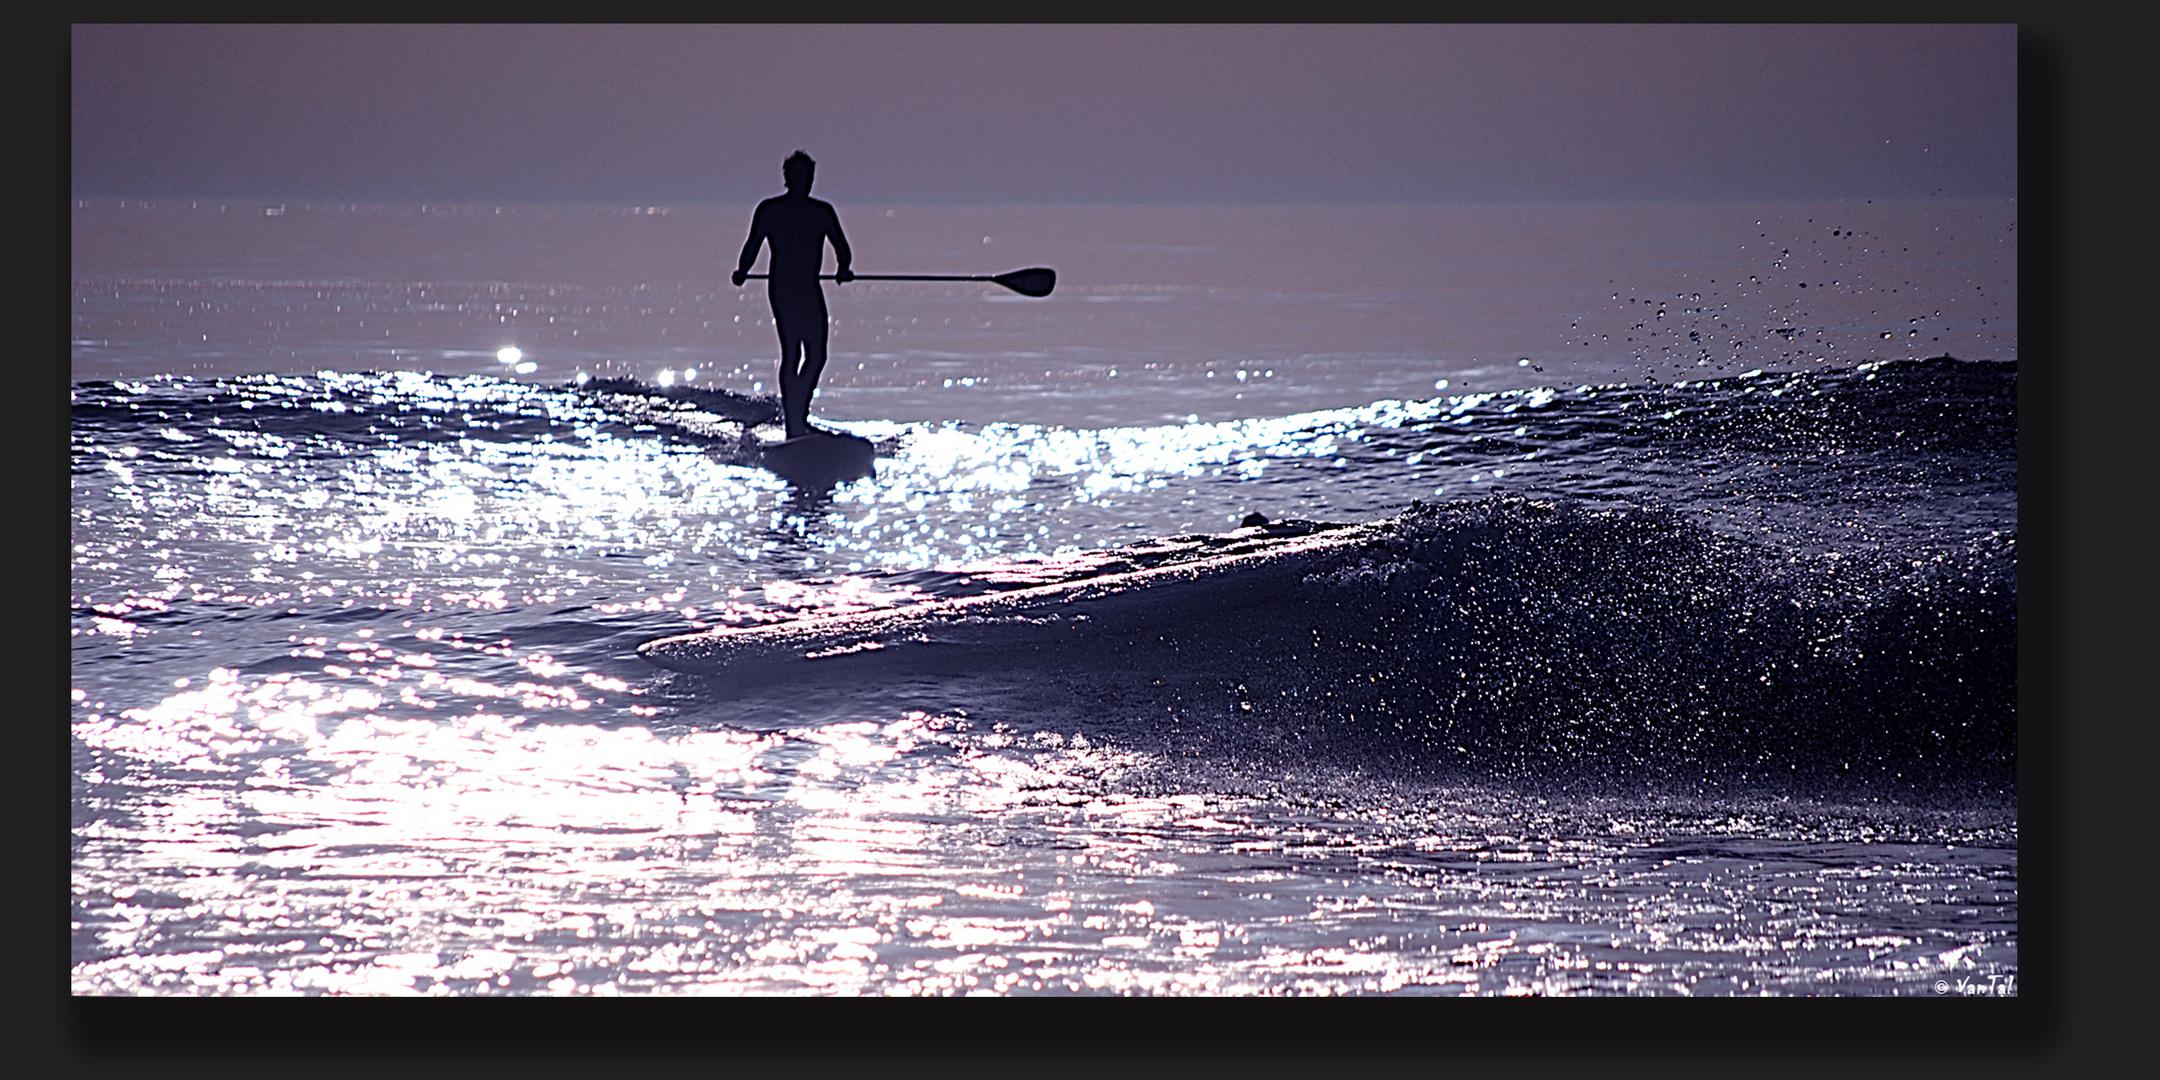 Borrar el tiempo y practicar surf sobre el obsequio.